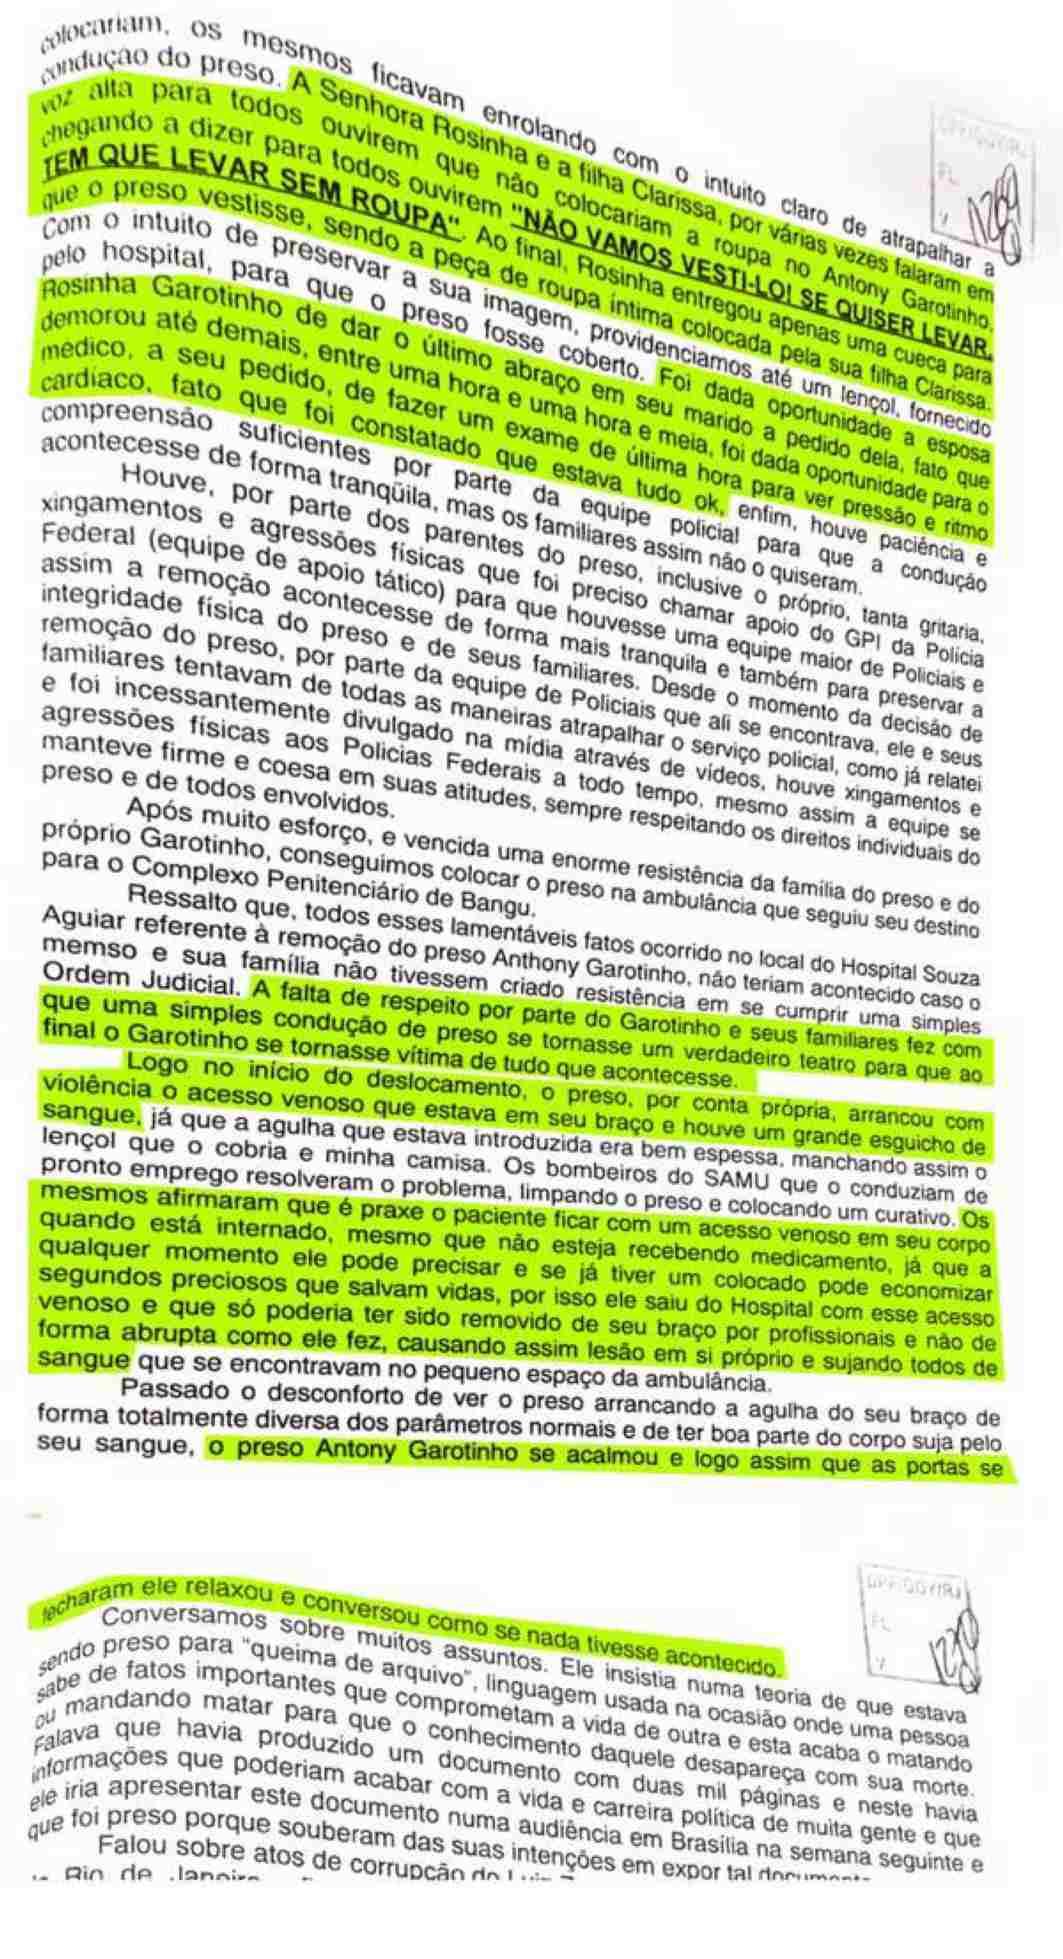 relatorio-pf-garotinho-31-1_1